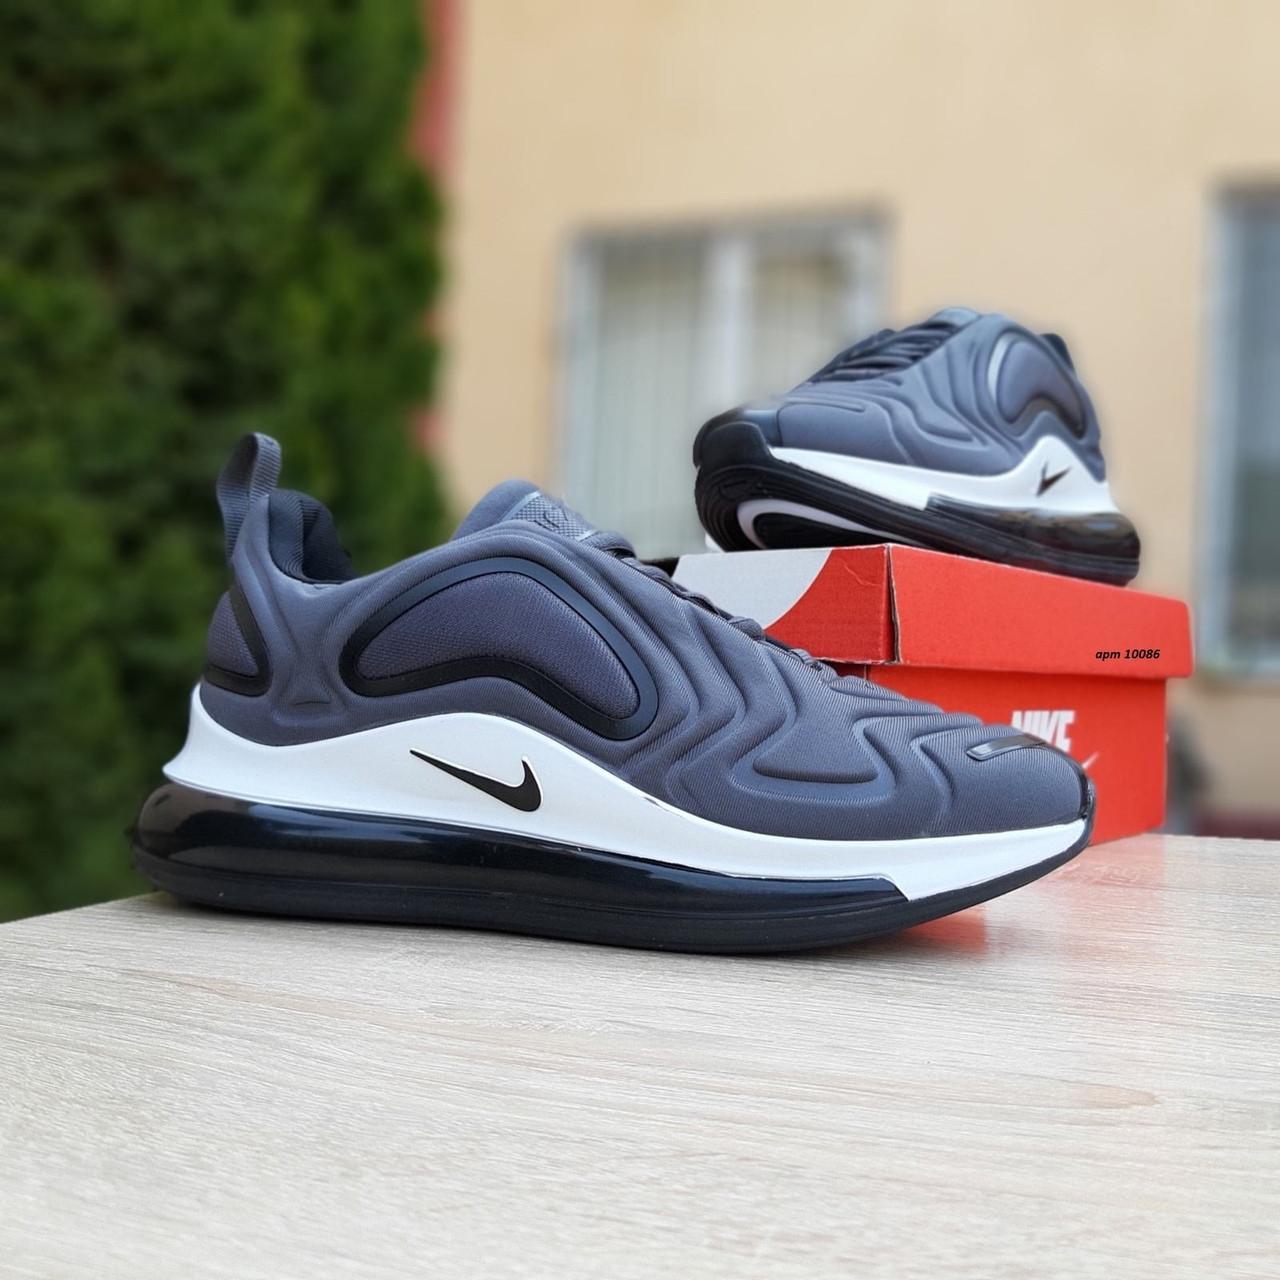 Кросівки чоловічі розпродаж АКЦІЯ 750 грн Nike 43й(27,5 см), 45й(28.5 см) останні розміри люкс копія